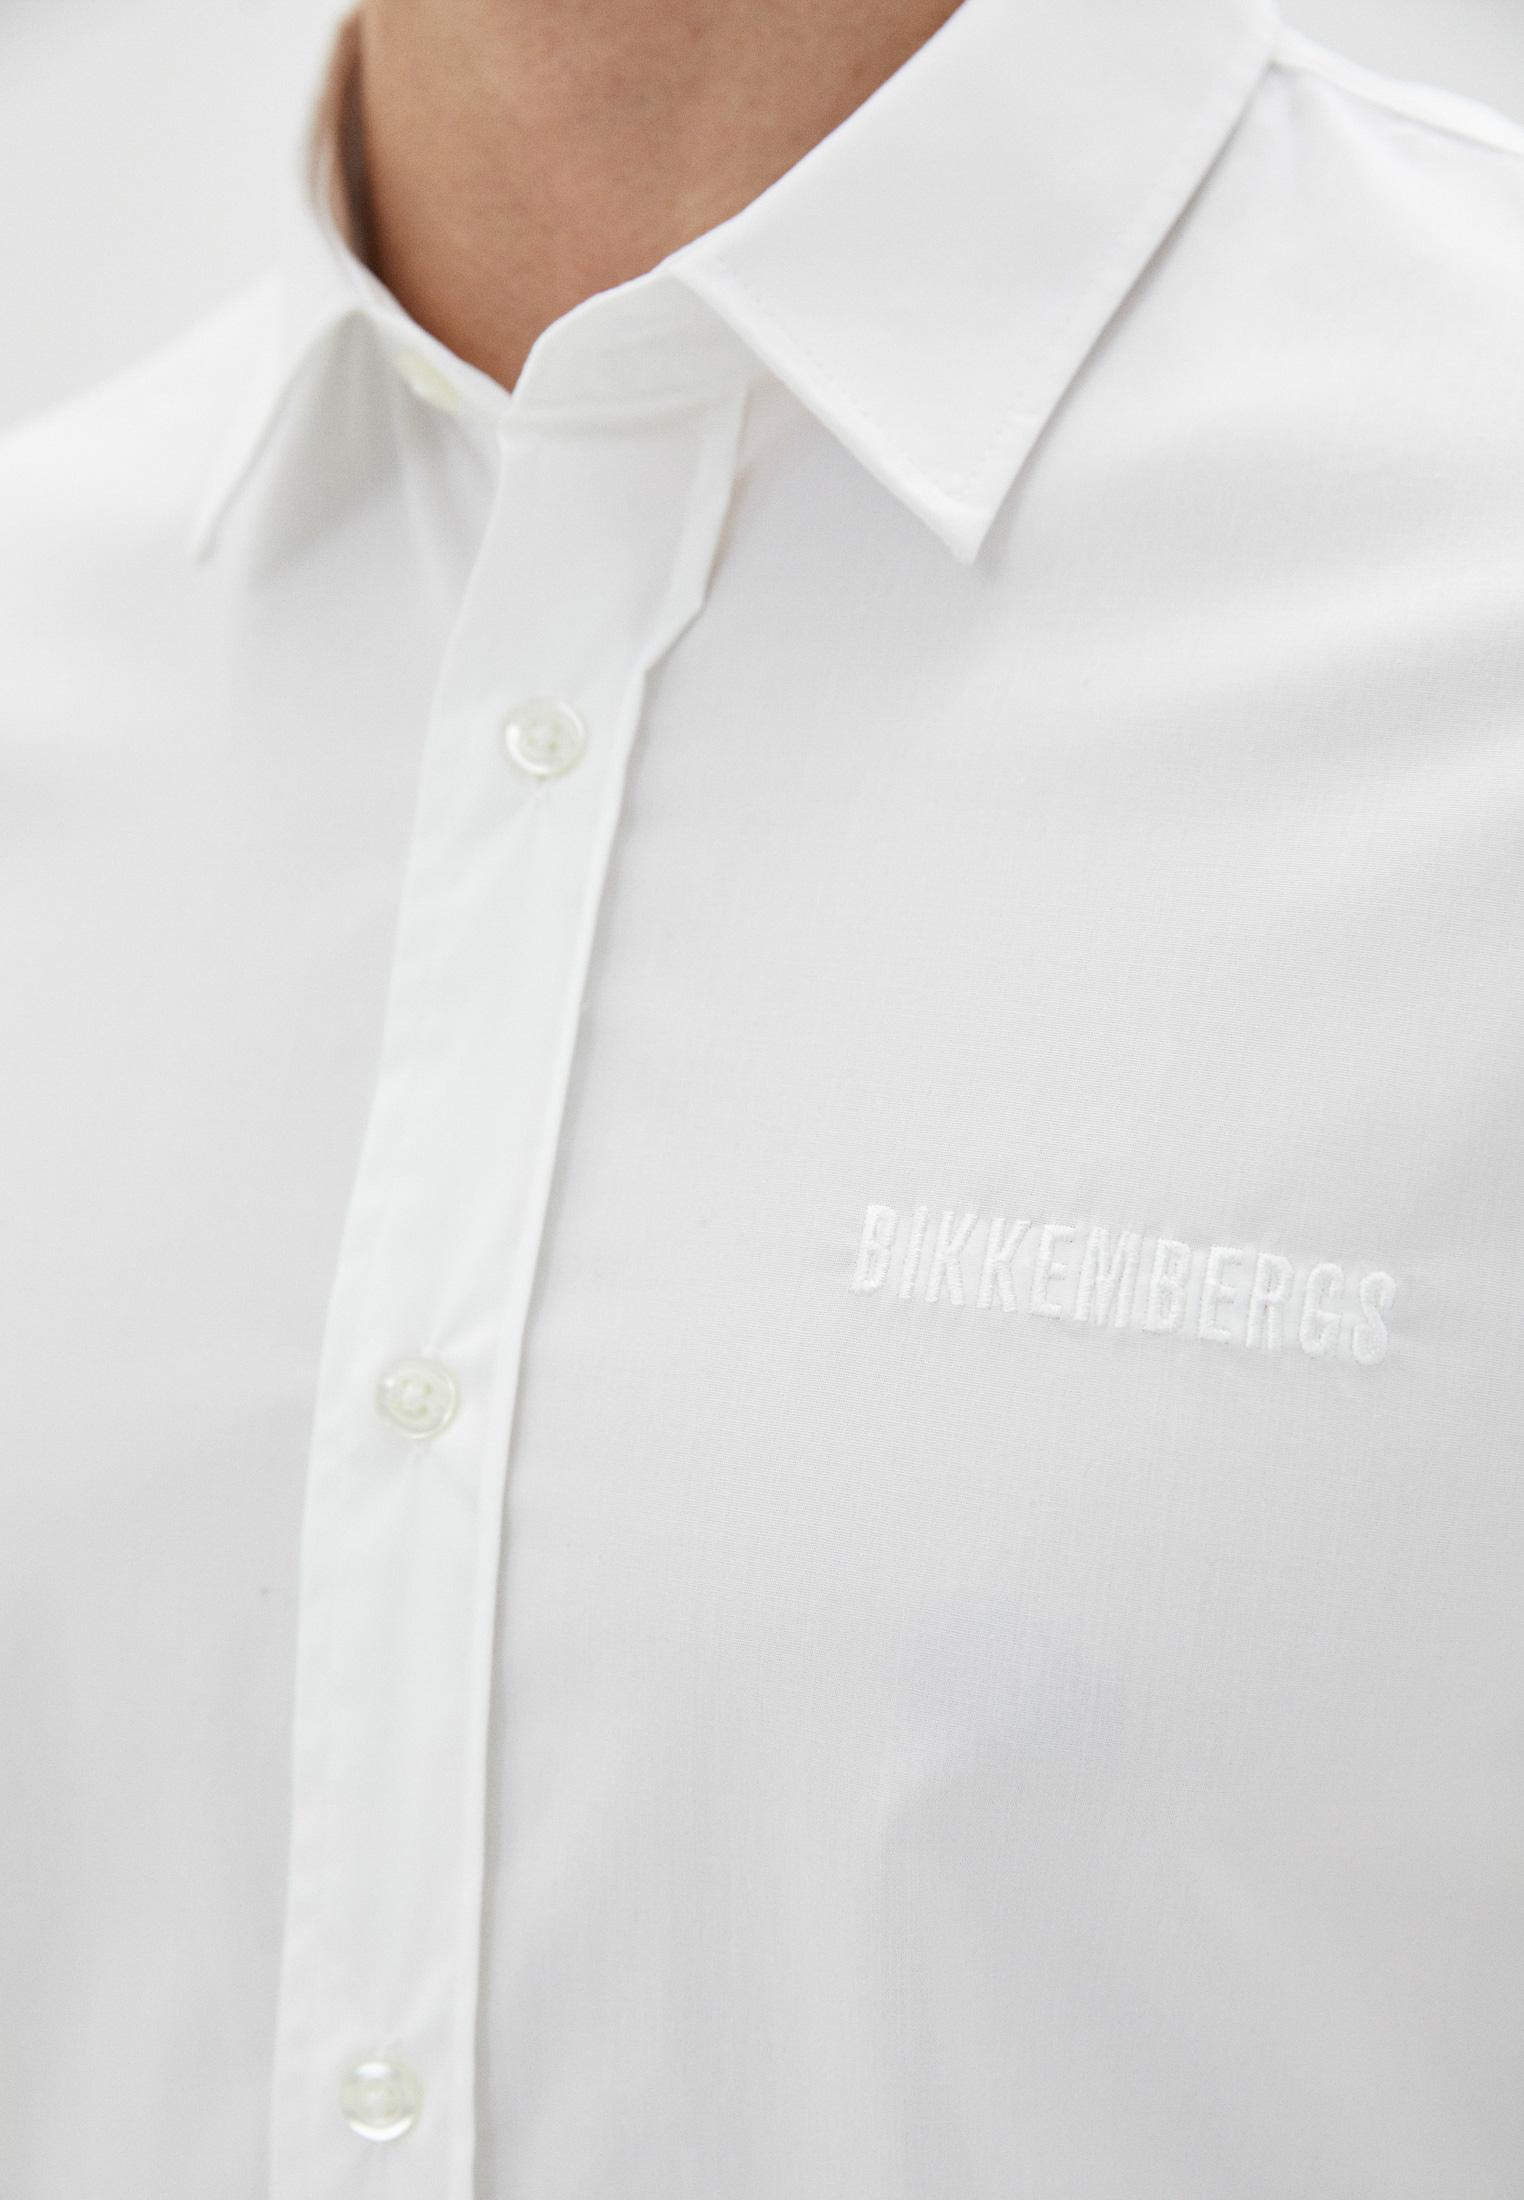 Рубашка с длинным рукавом Bikkembergs C C 053 04 S 2931: изображение 5